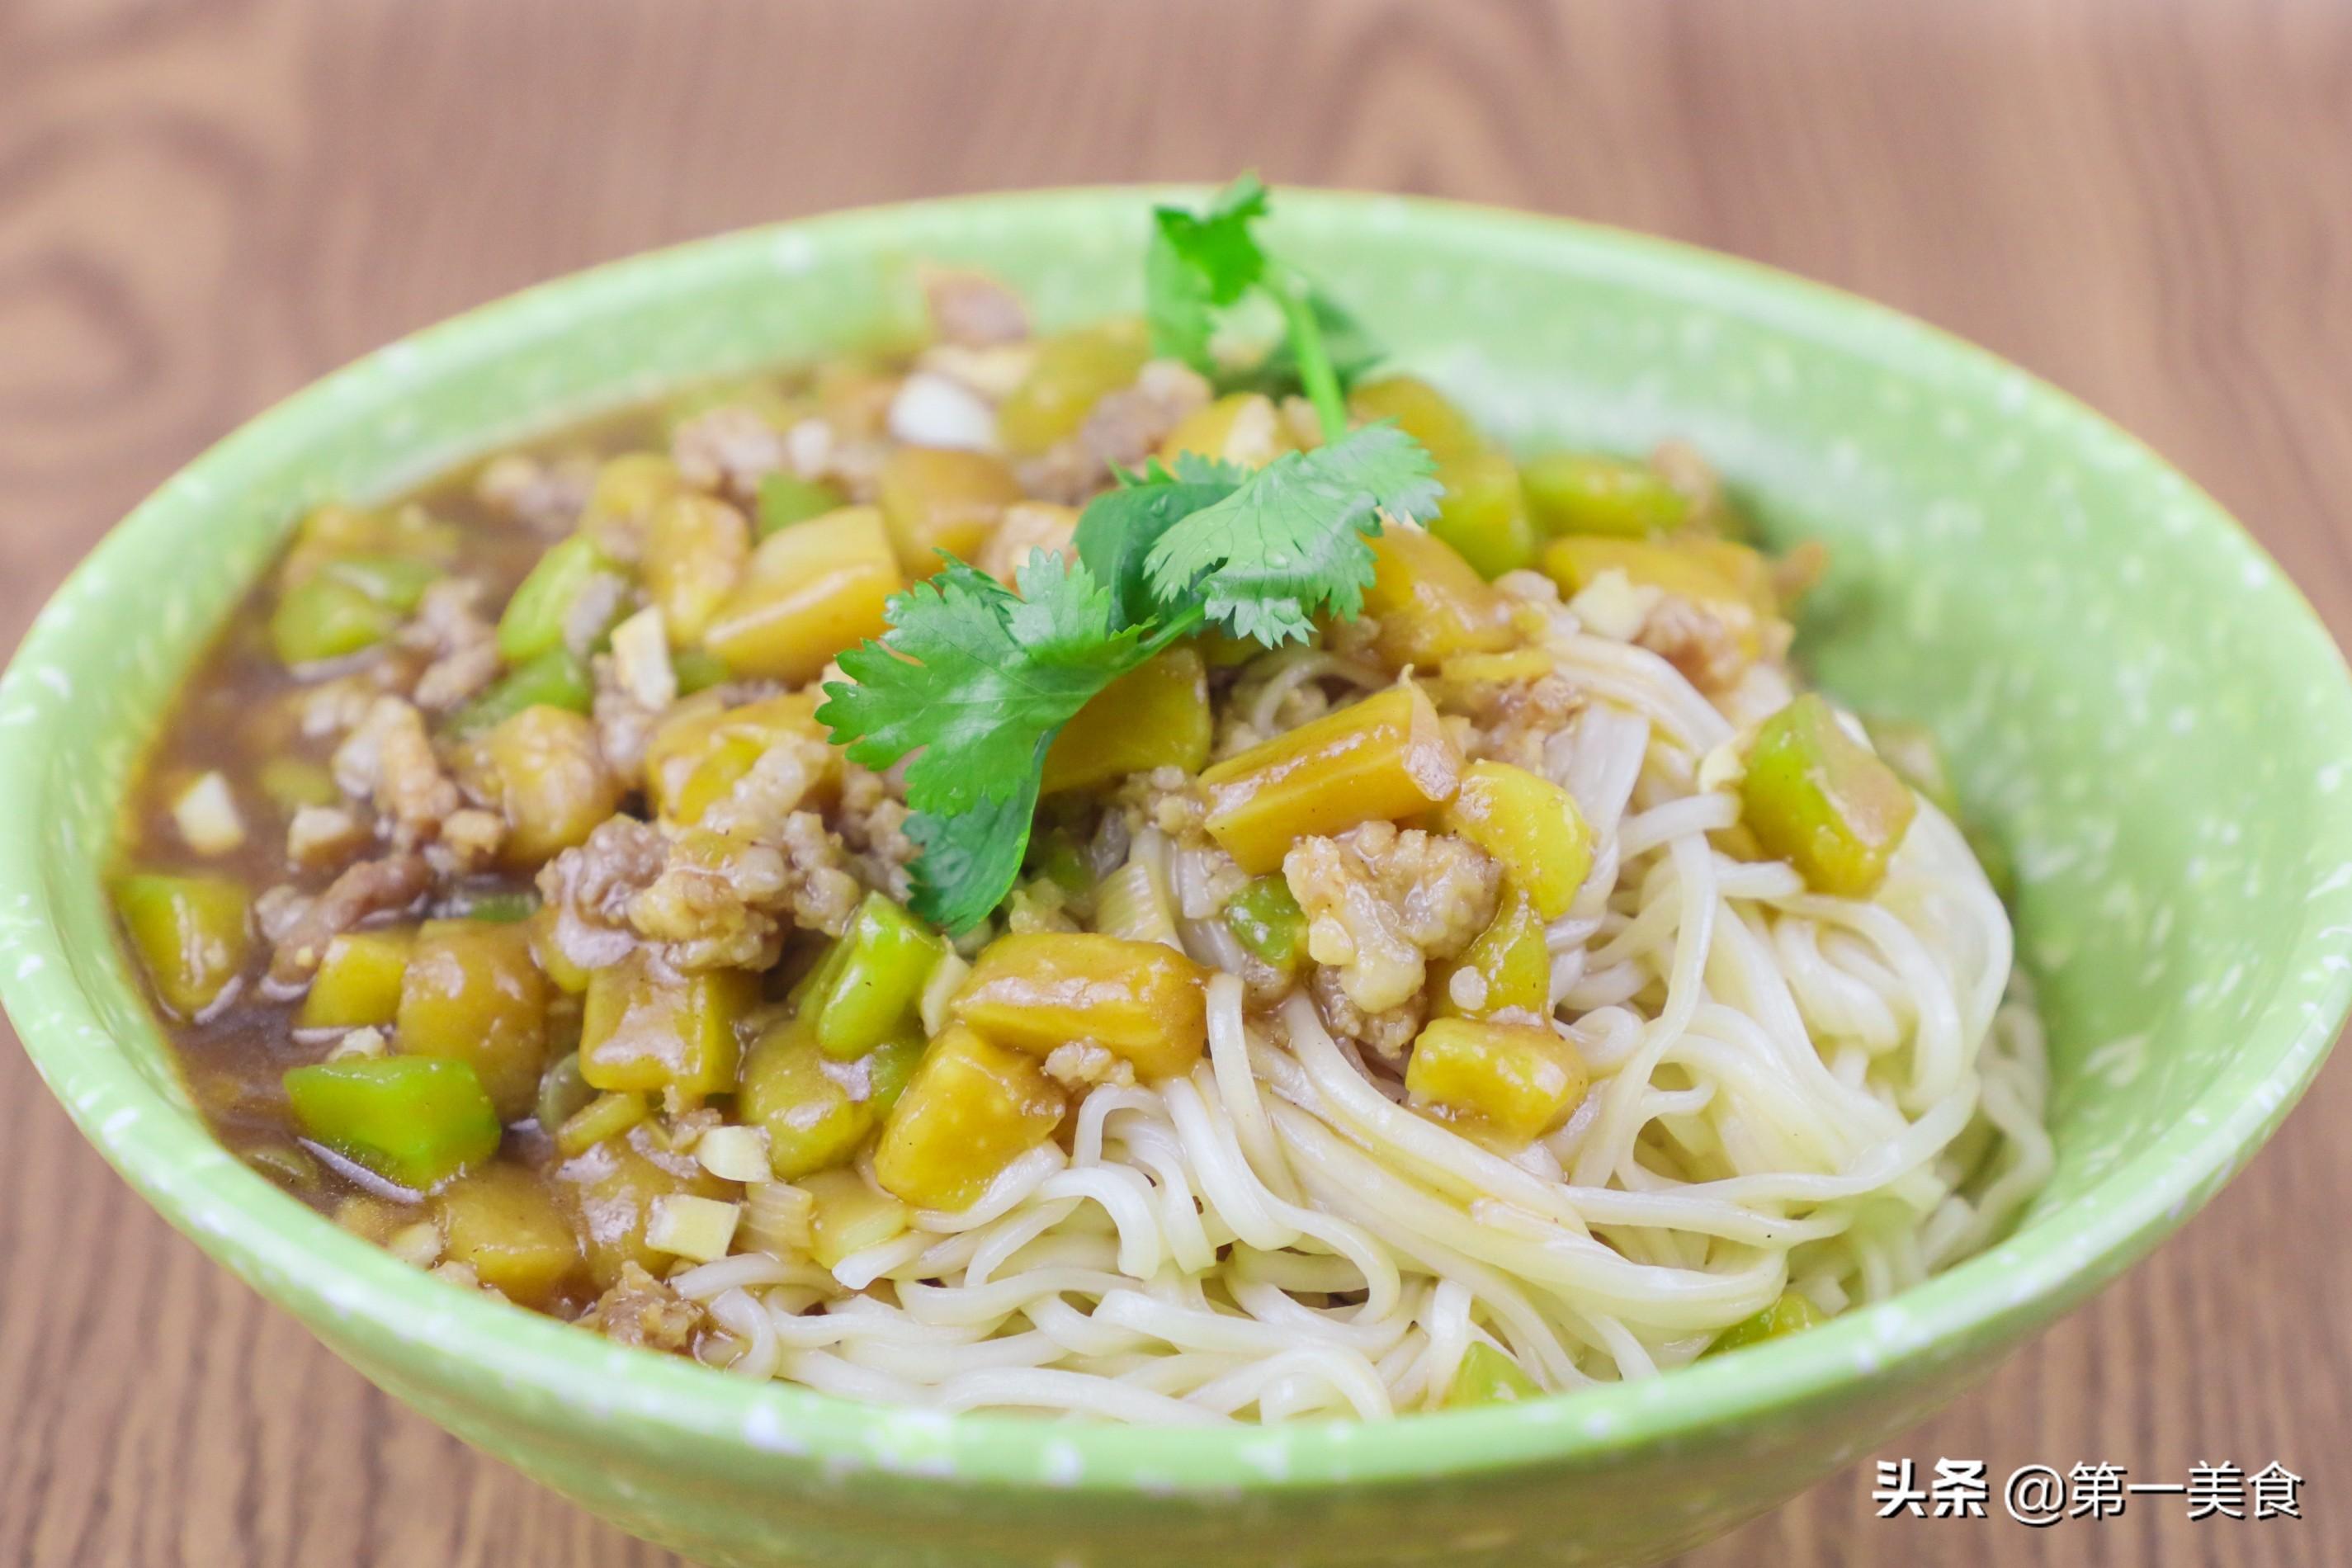 这才是地道的打卤面家常做法!卤菜配料很详细,简单入味的好面食